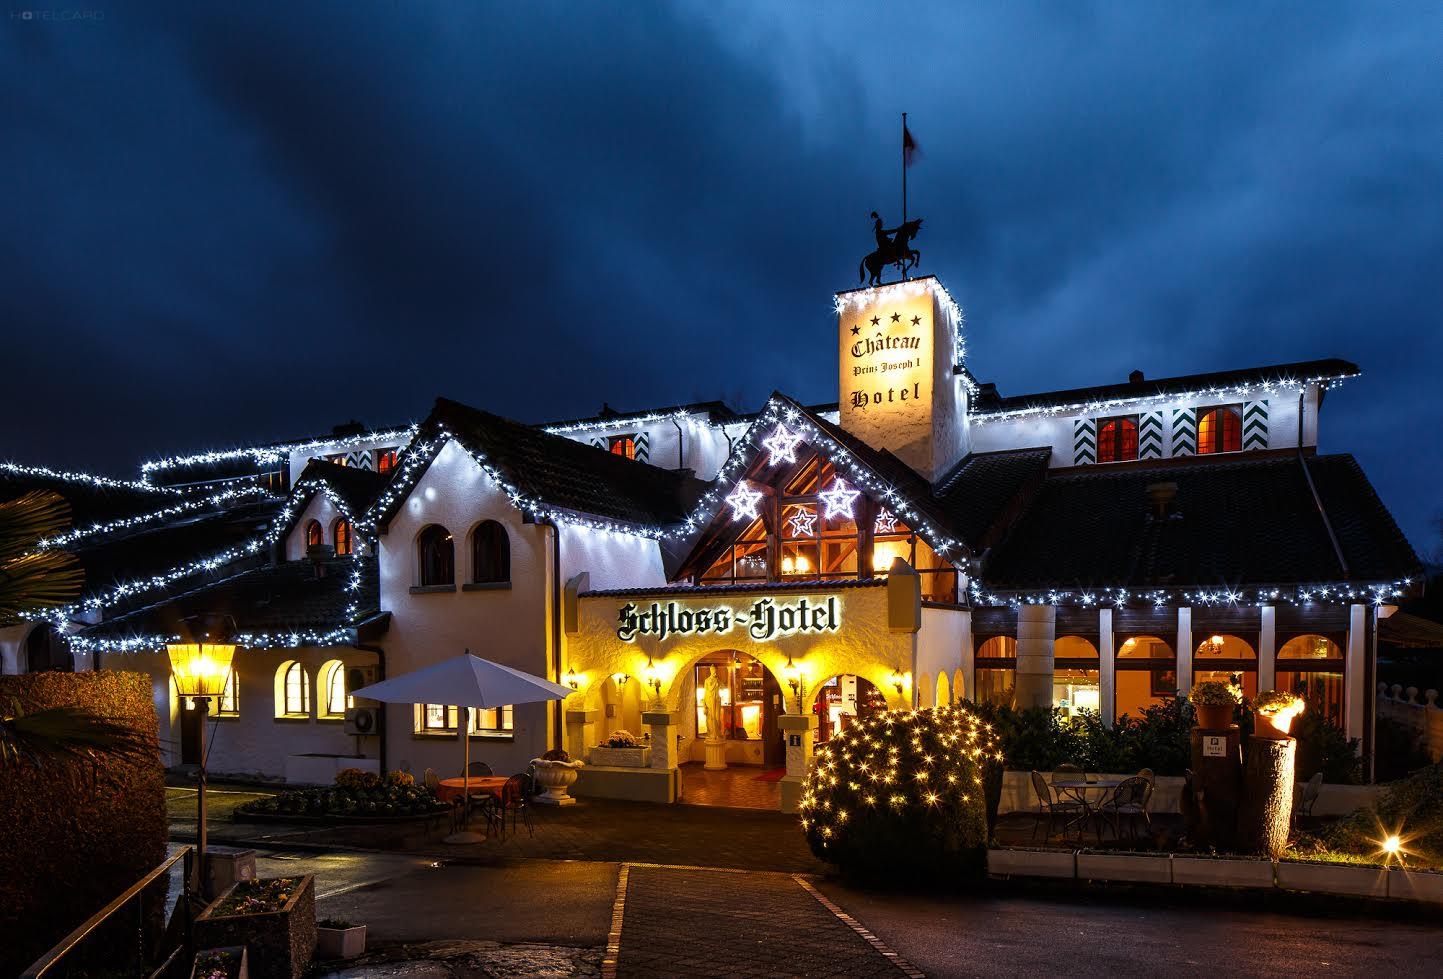 Schloss-Hotel Swiss-Chalet 0